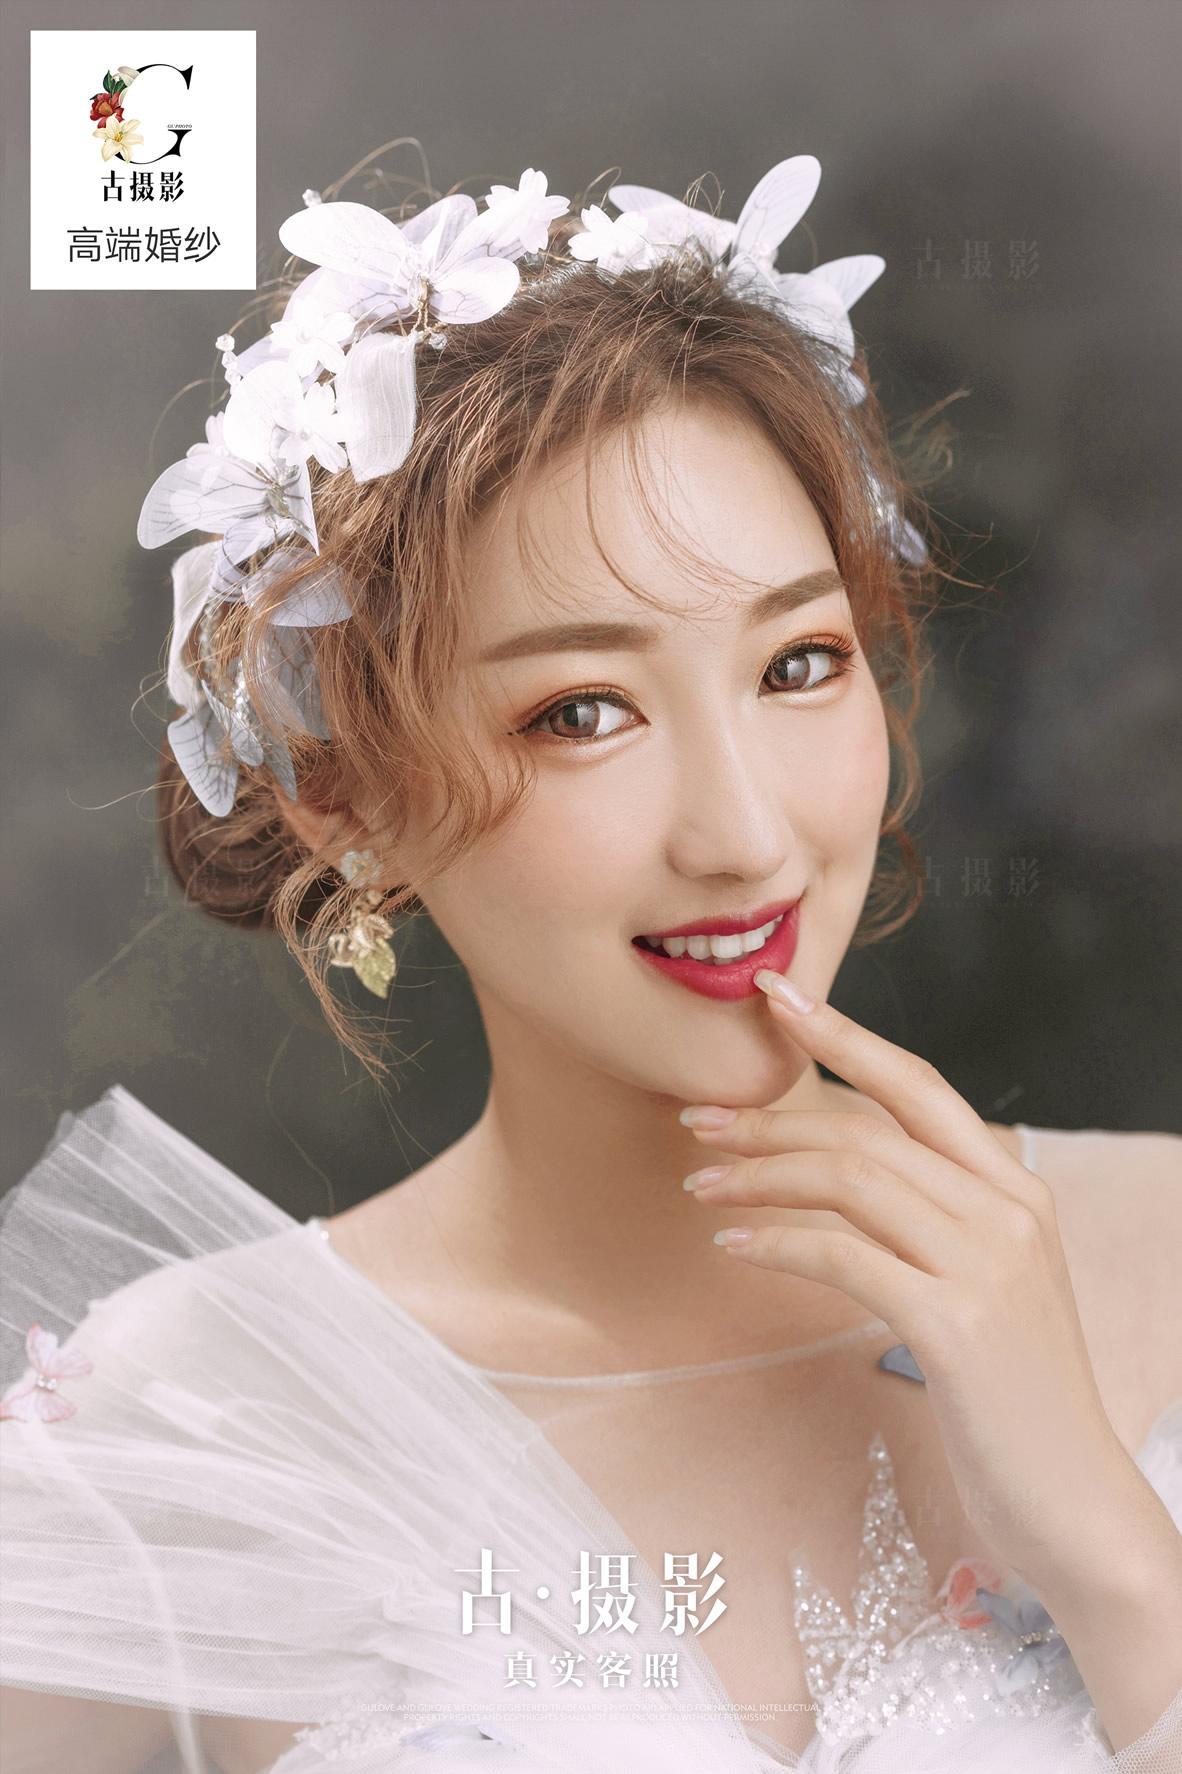 3月30日客片陳小姐 - 每日客照 - 广州婚纱摄影-广州古摄影官网